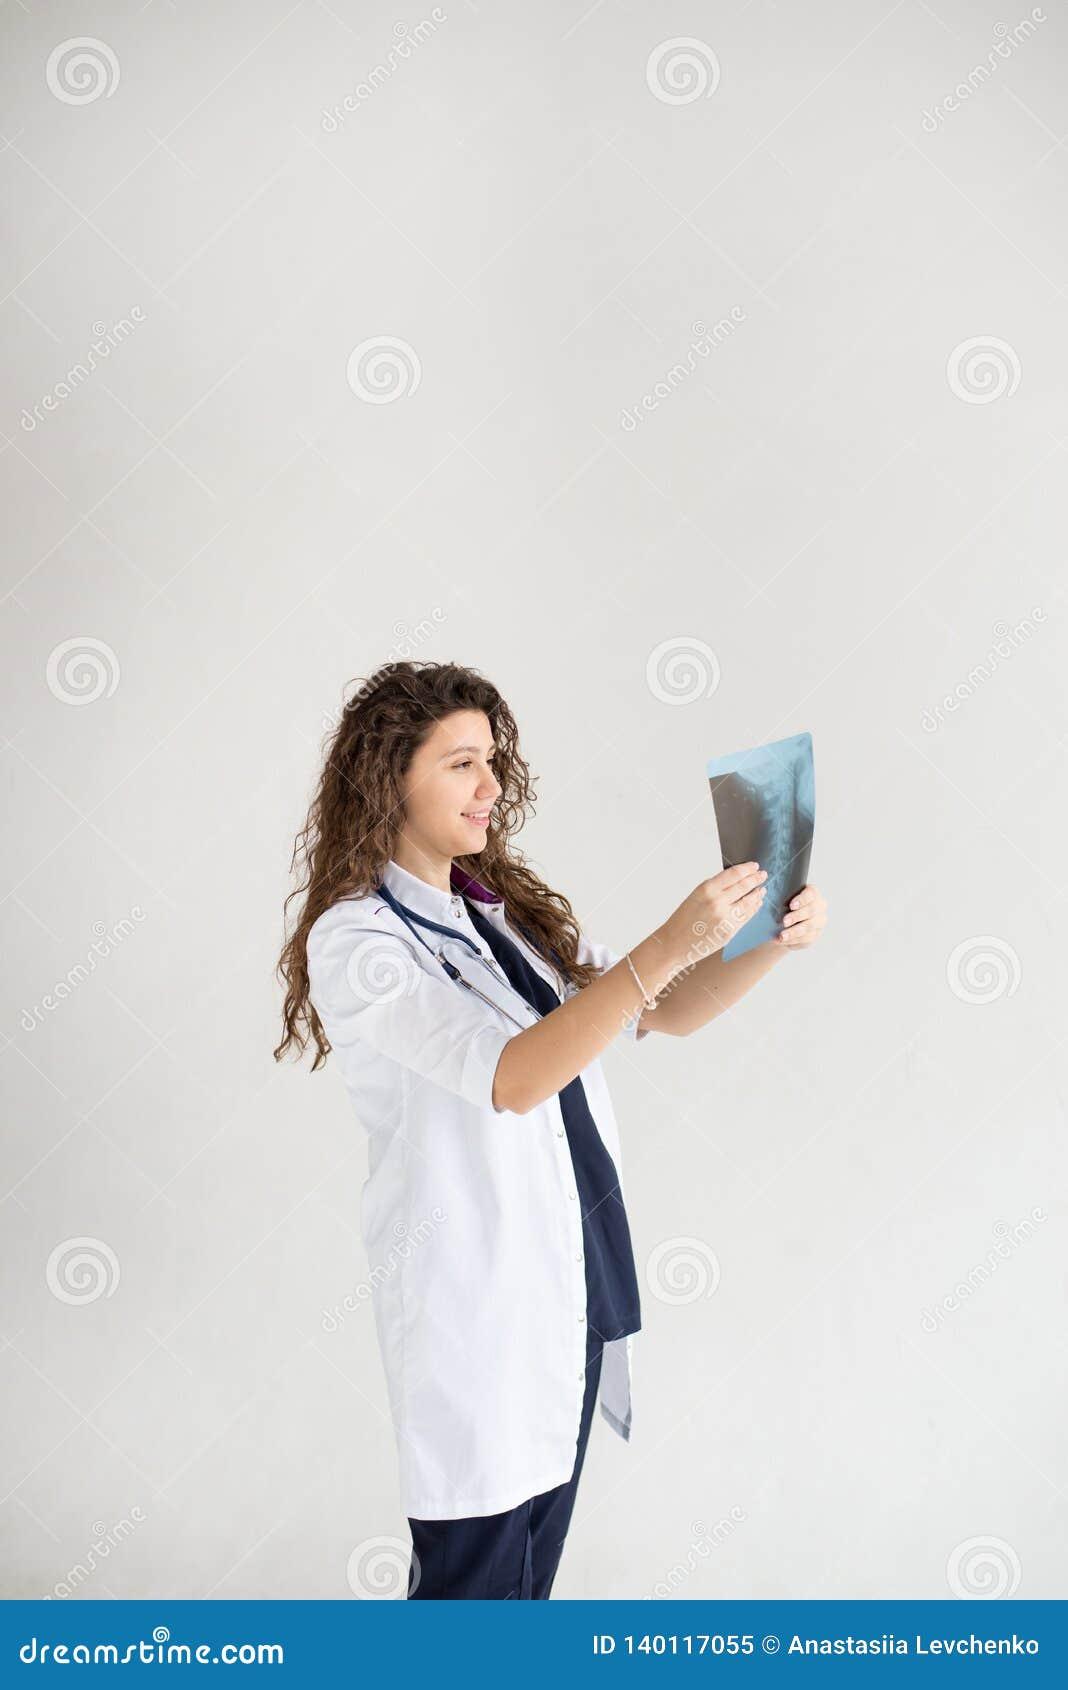 Медицинская женщина доктора врача изолированная на белой предпосылке доктор со снимком